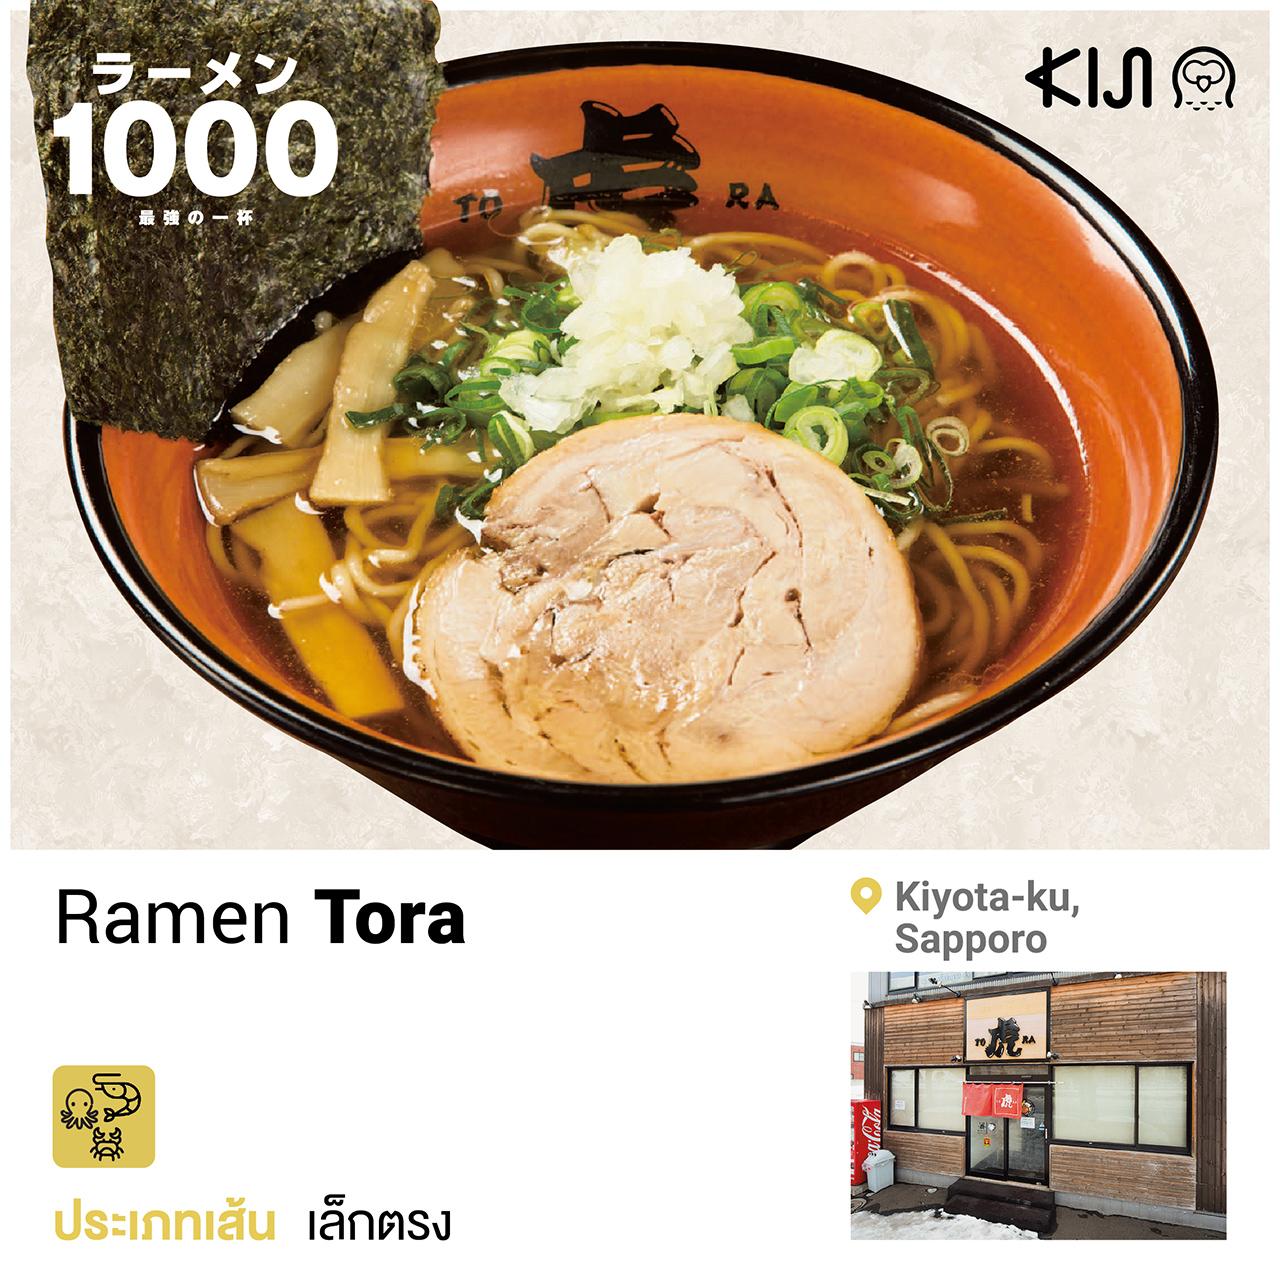 ร้านราเมนในฮอกไกโด - Ramen Tora